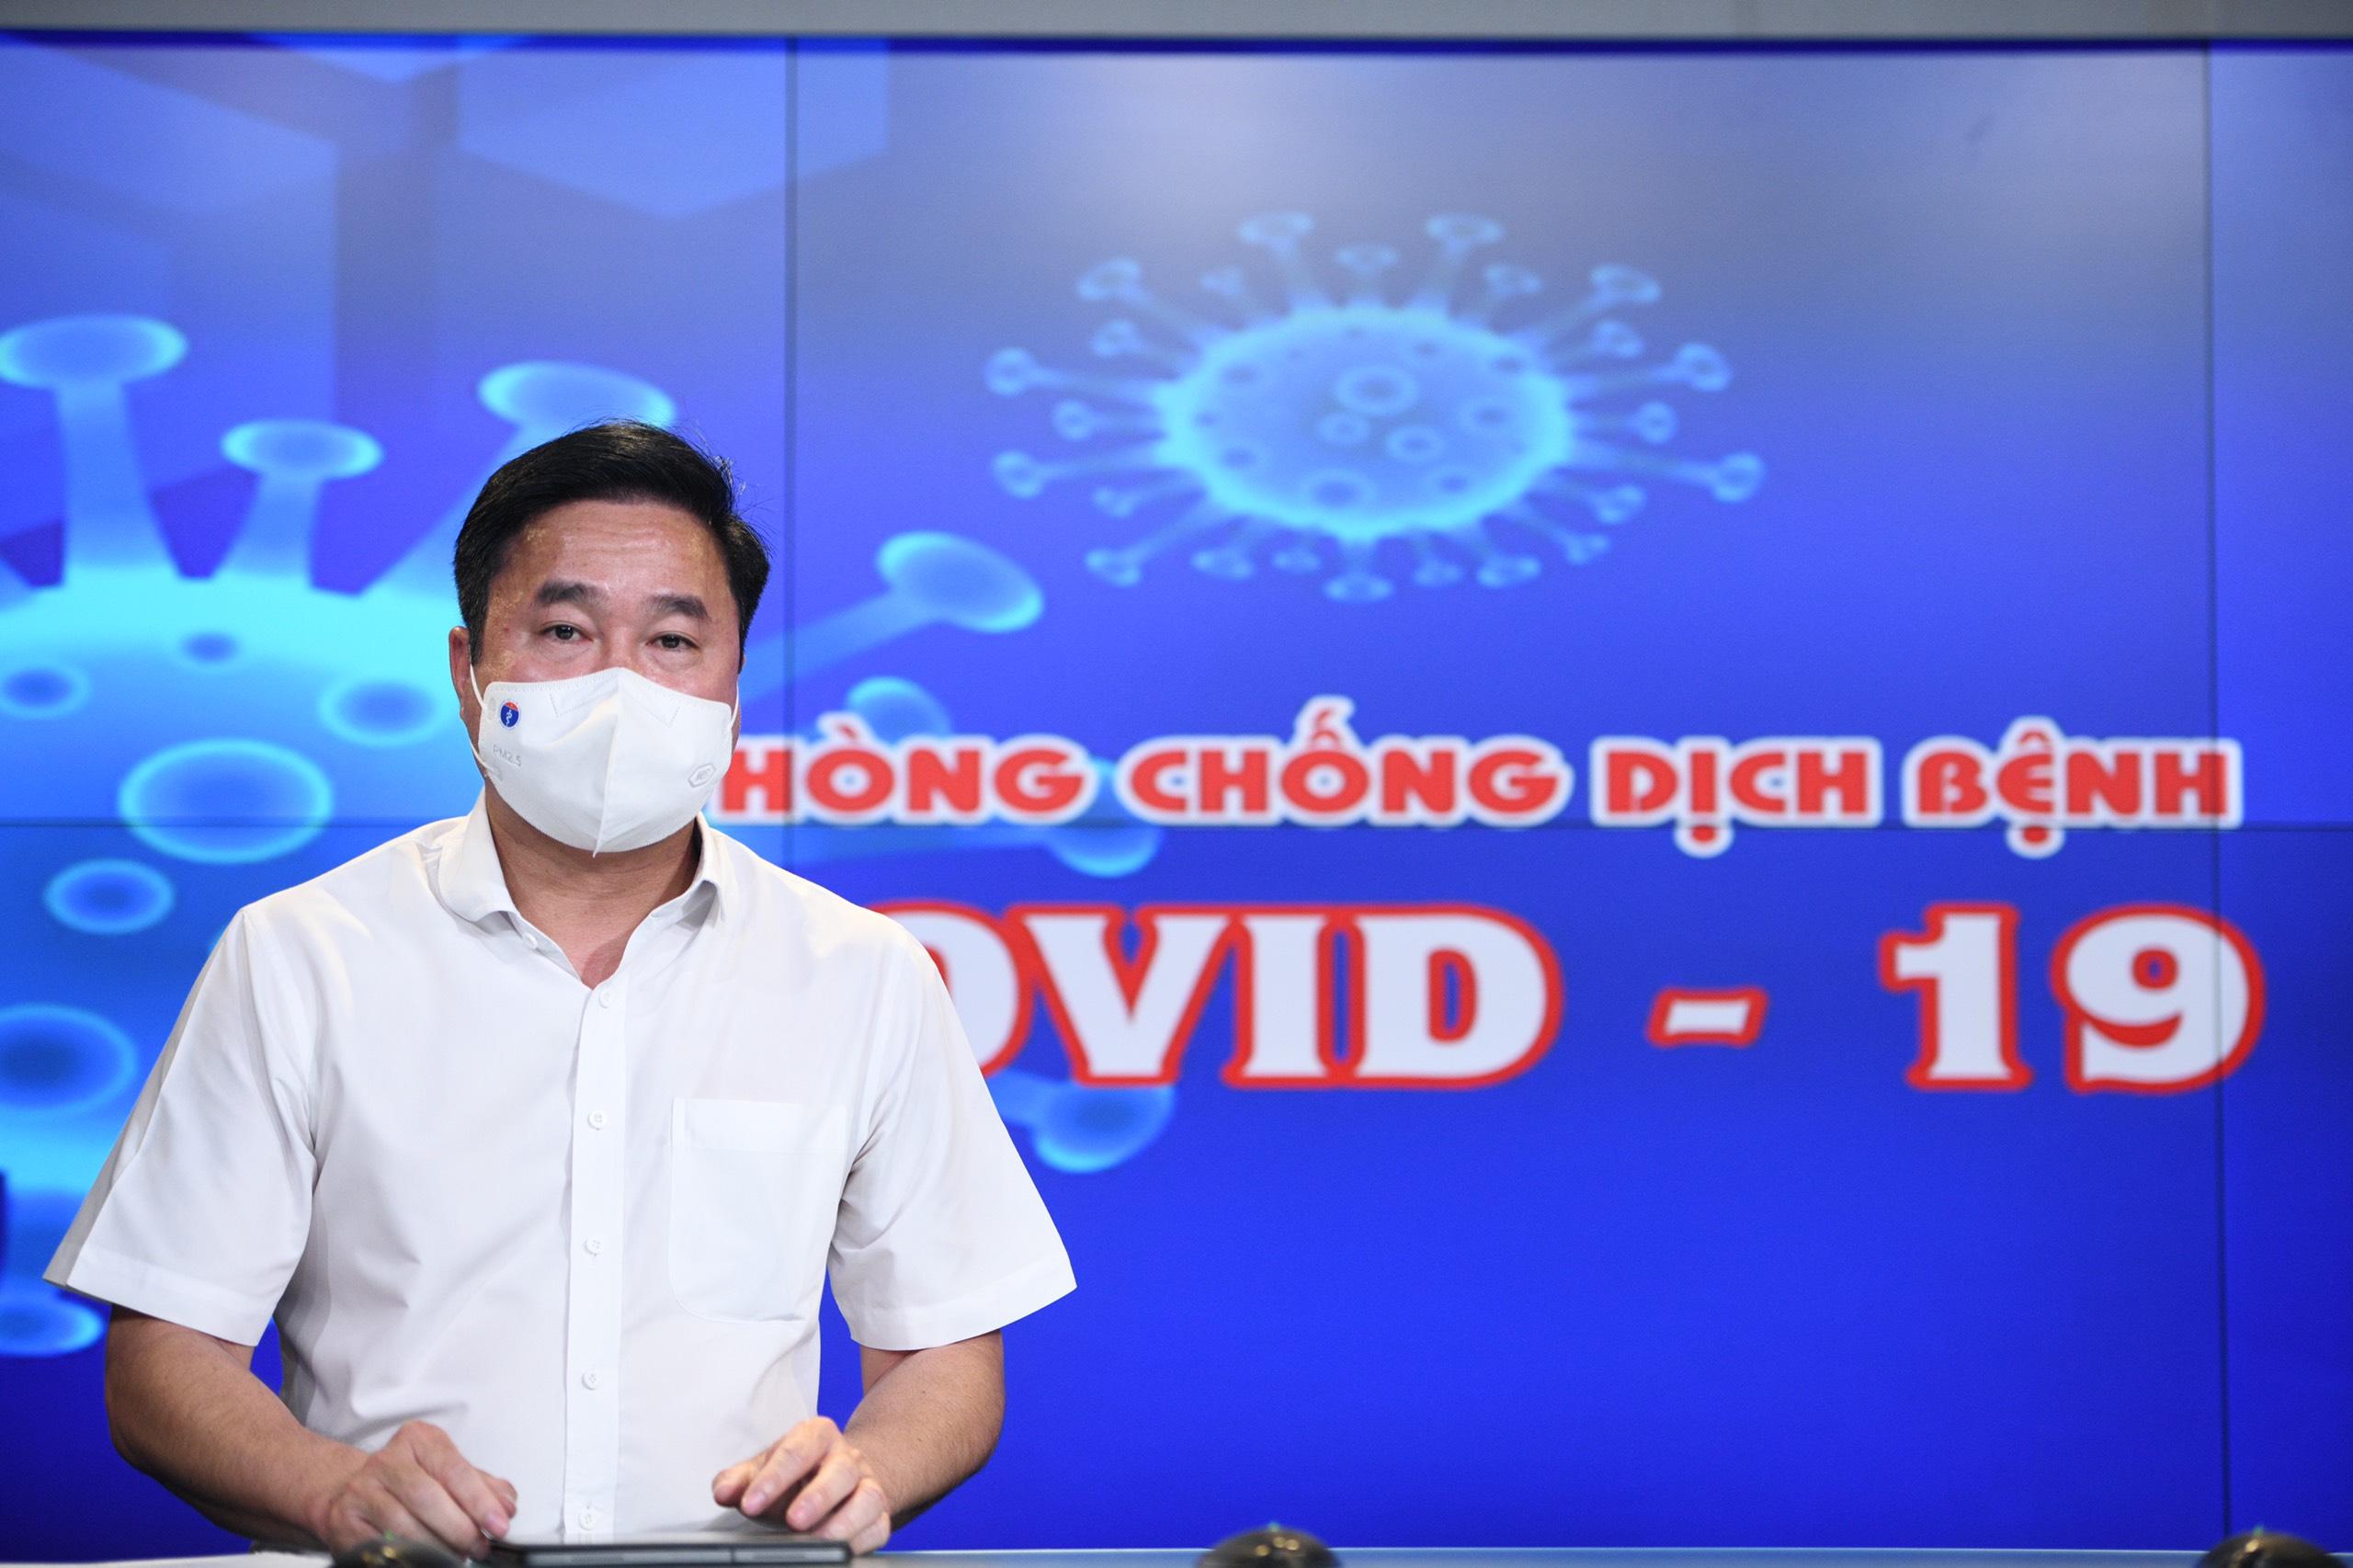 Chuyên gia phân tích mức độ nguy hiểm của chủng virus SARS-CoV-2 mới - Ảnh 1.